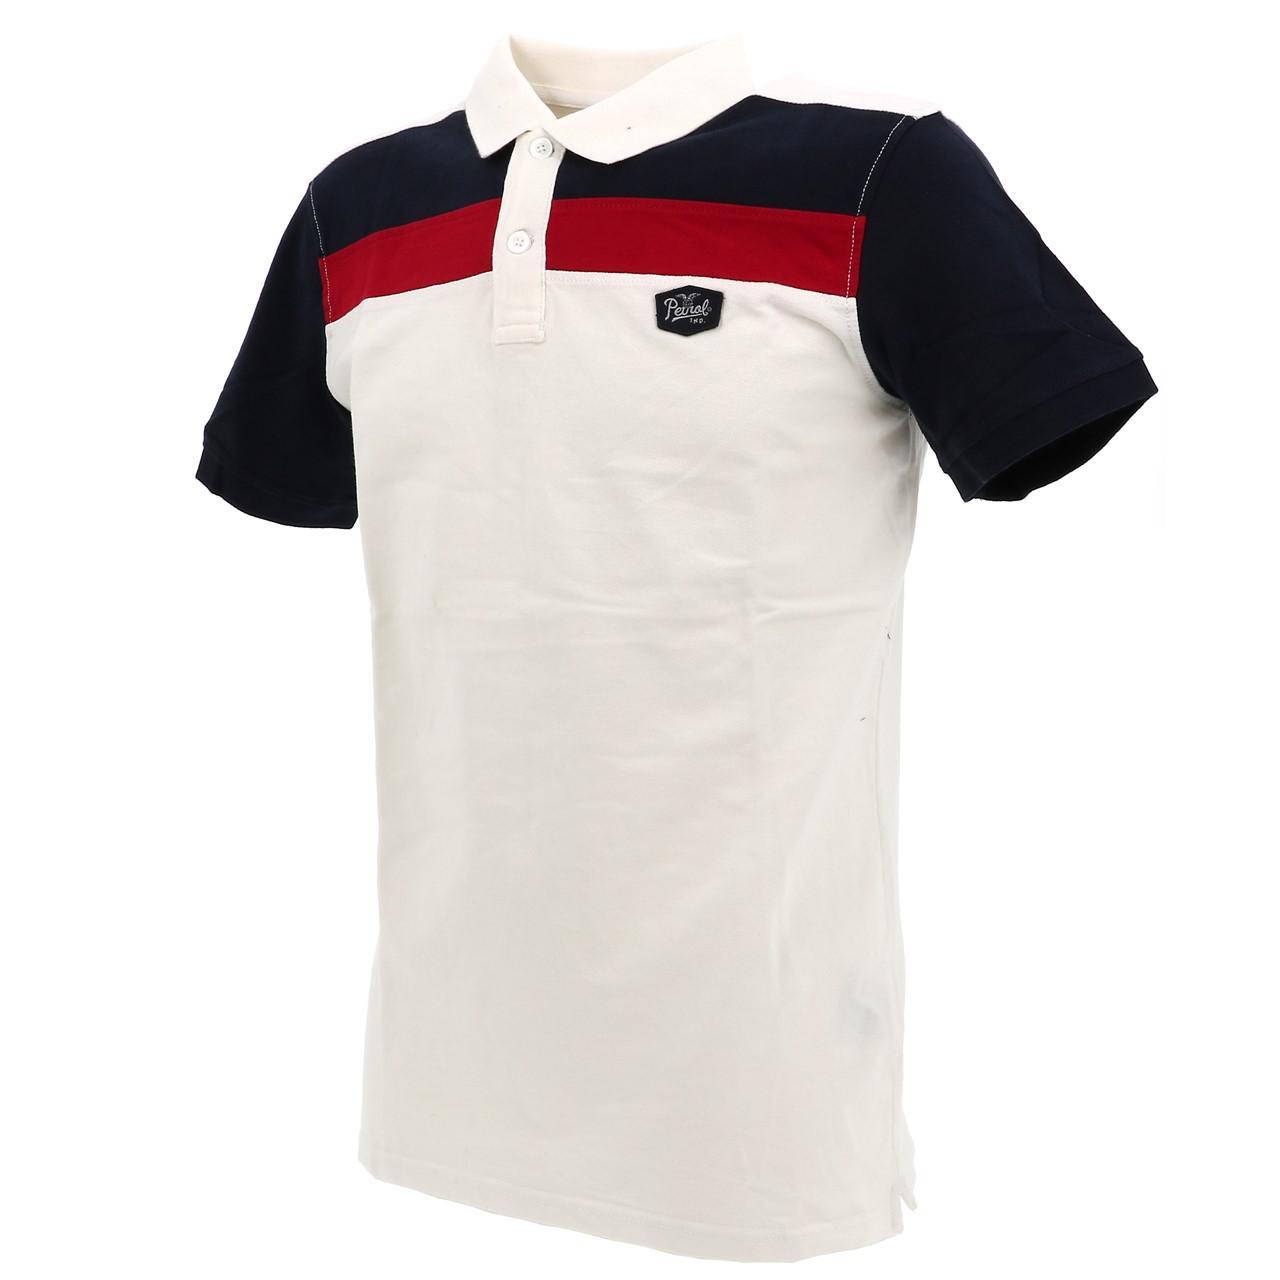 Short-Sleeve-Polo-Petrol-Industries-Pol916-White-Mc-Polo-White-18085-New thumbnail 4